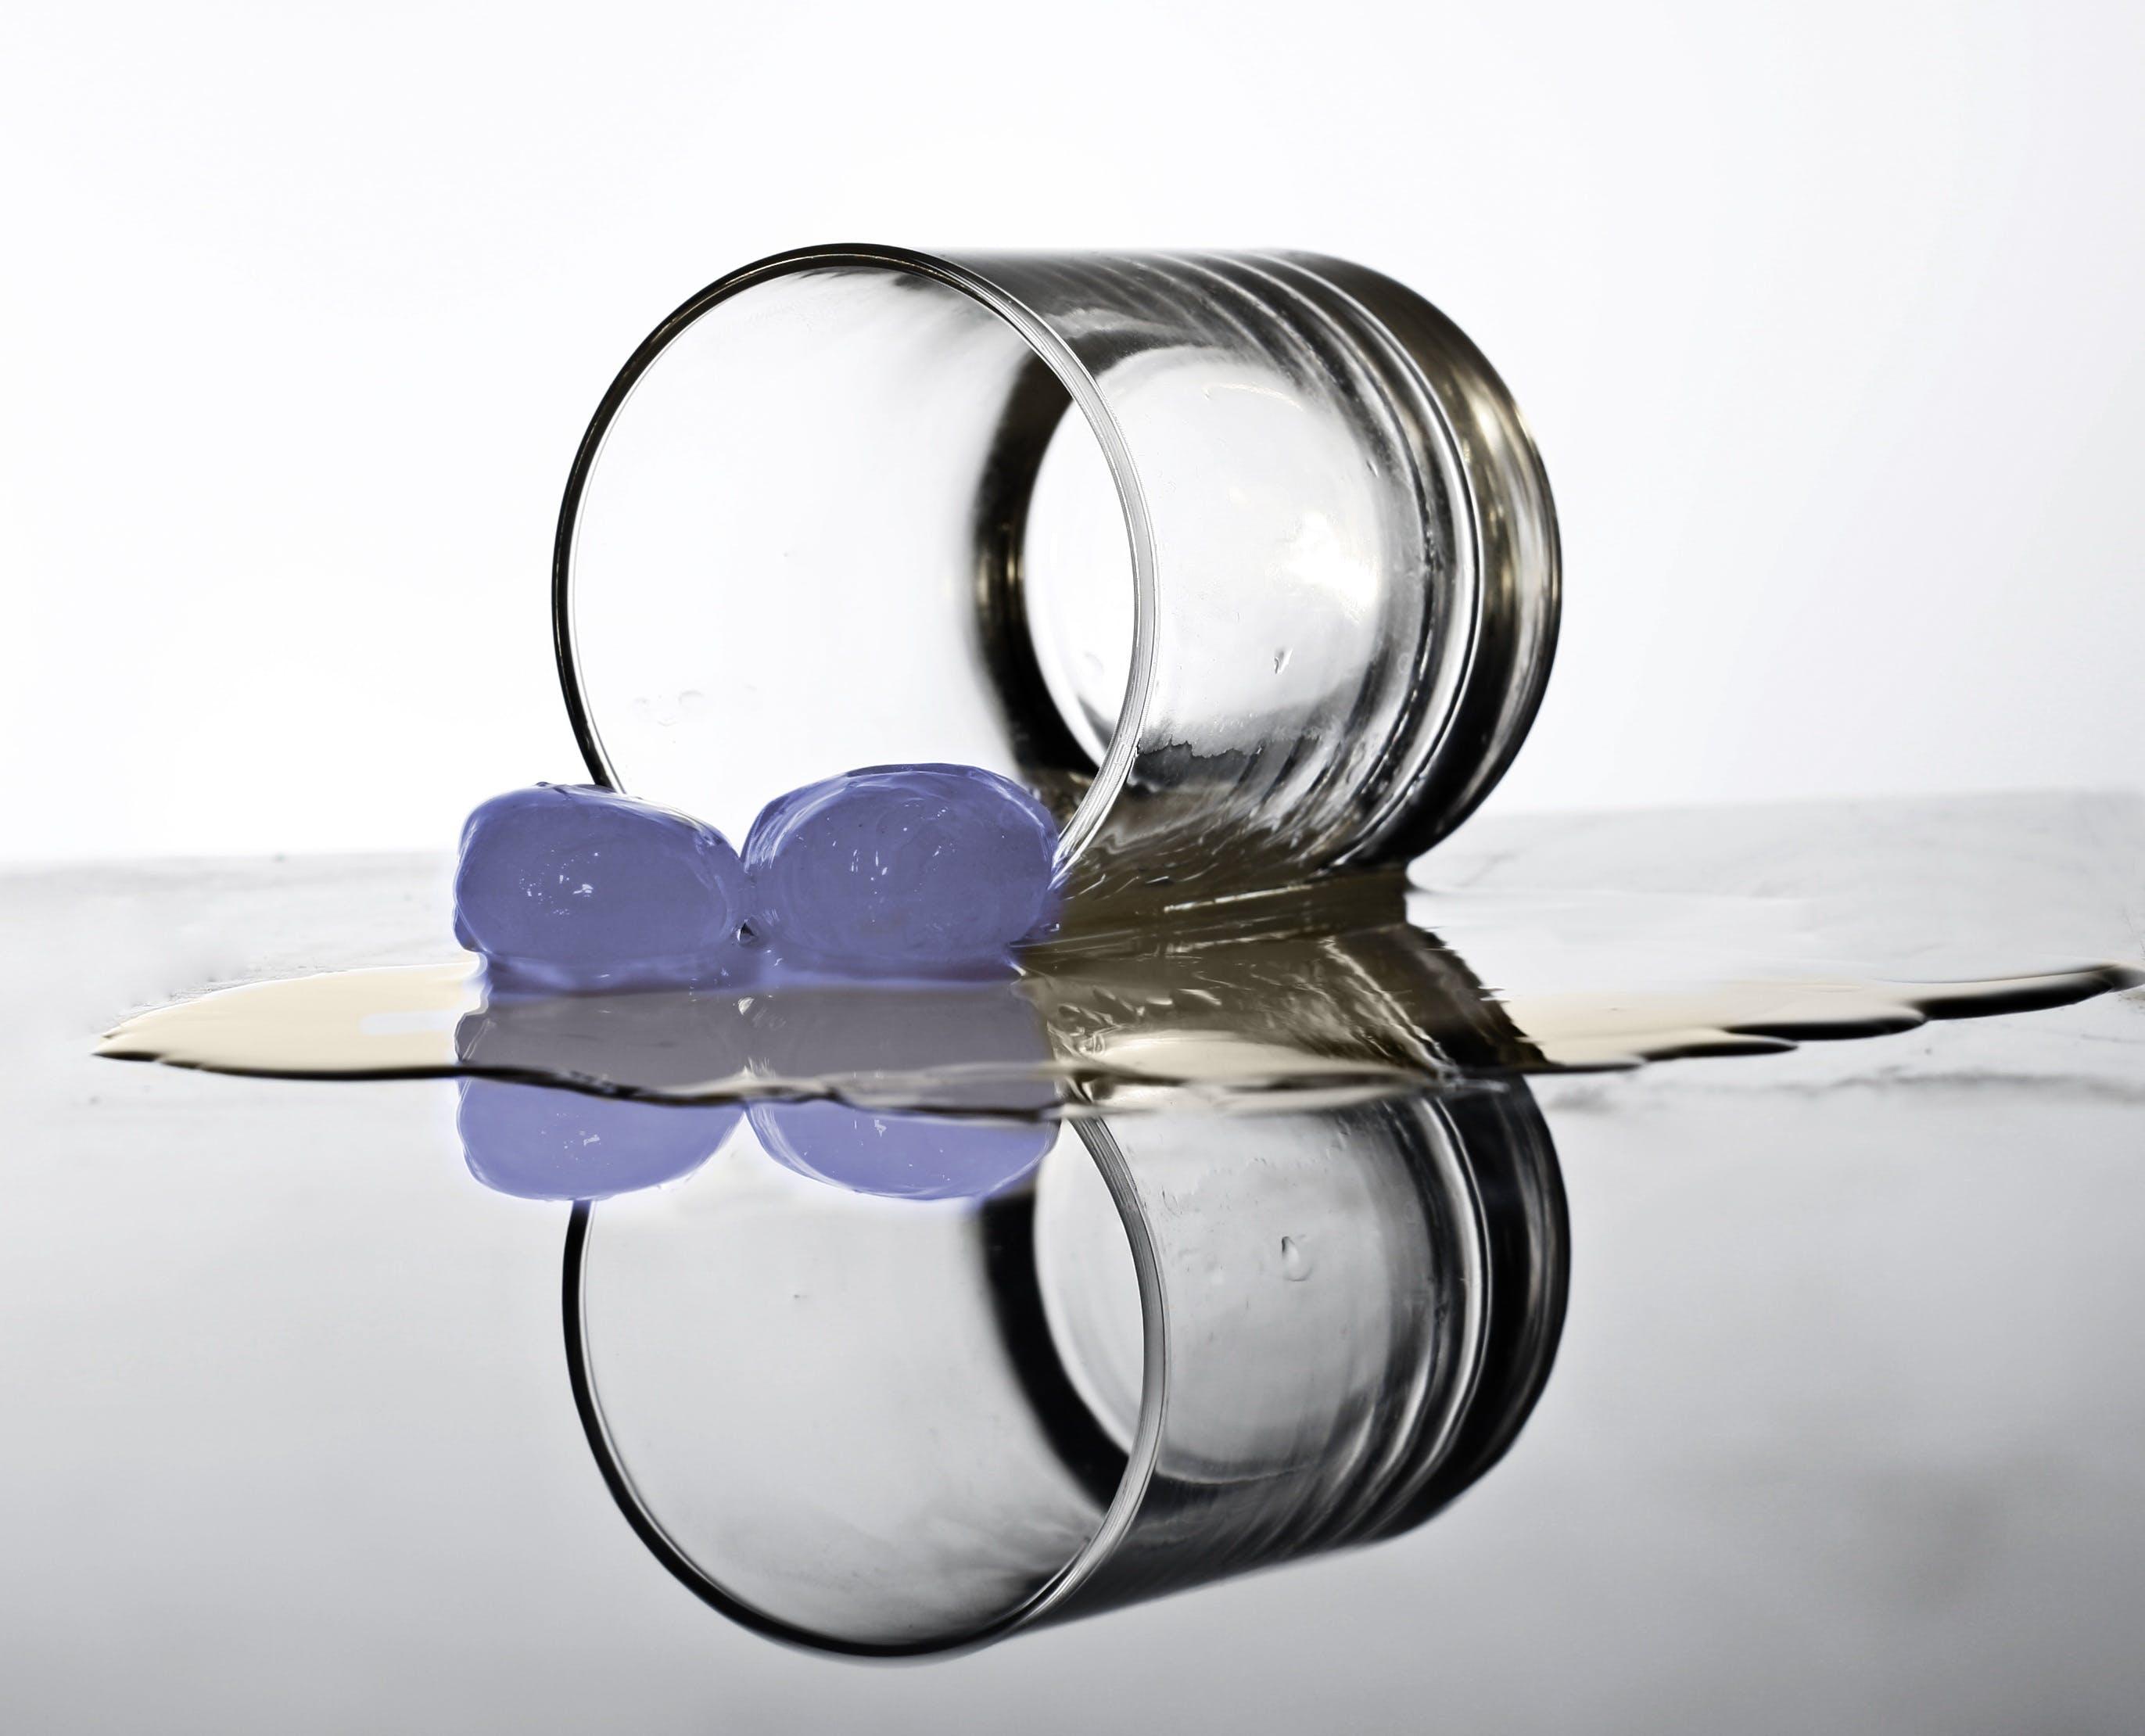 Fotos de stock gratuitas de beber, cristal, cubitos de hielo, reflejo